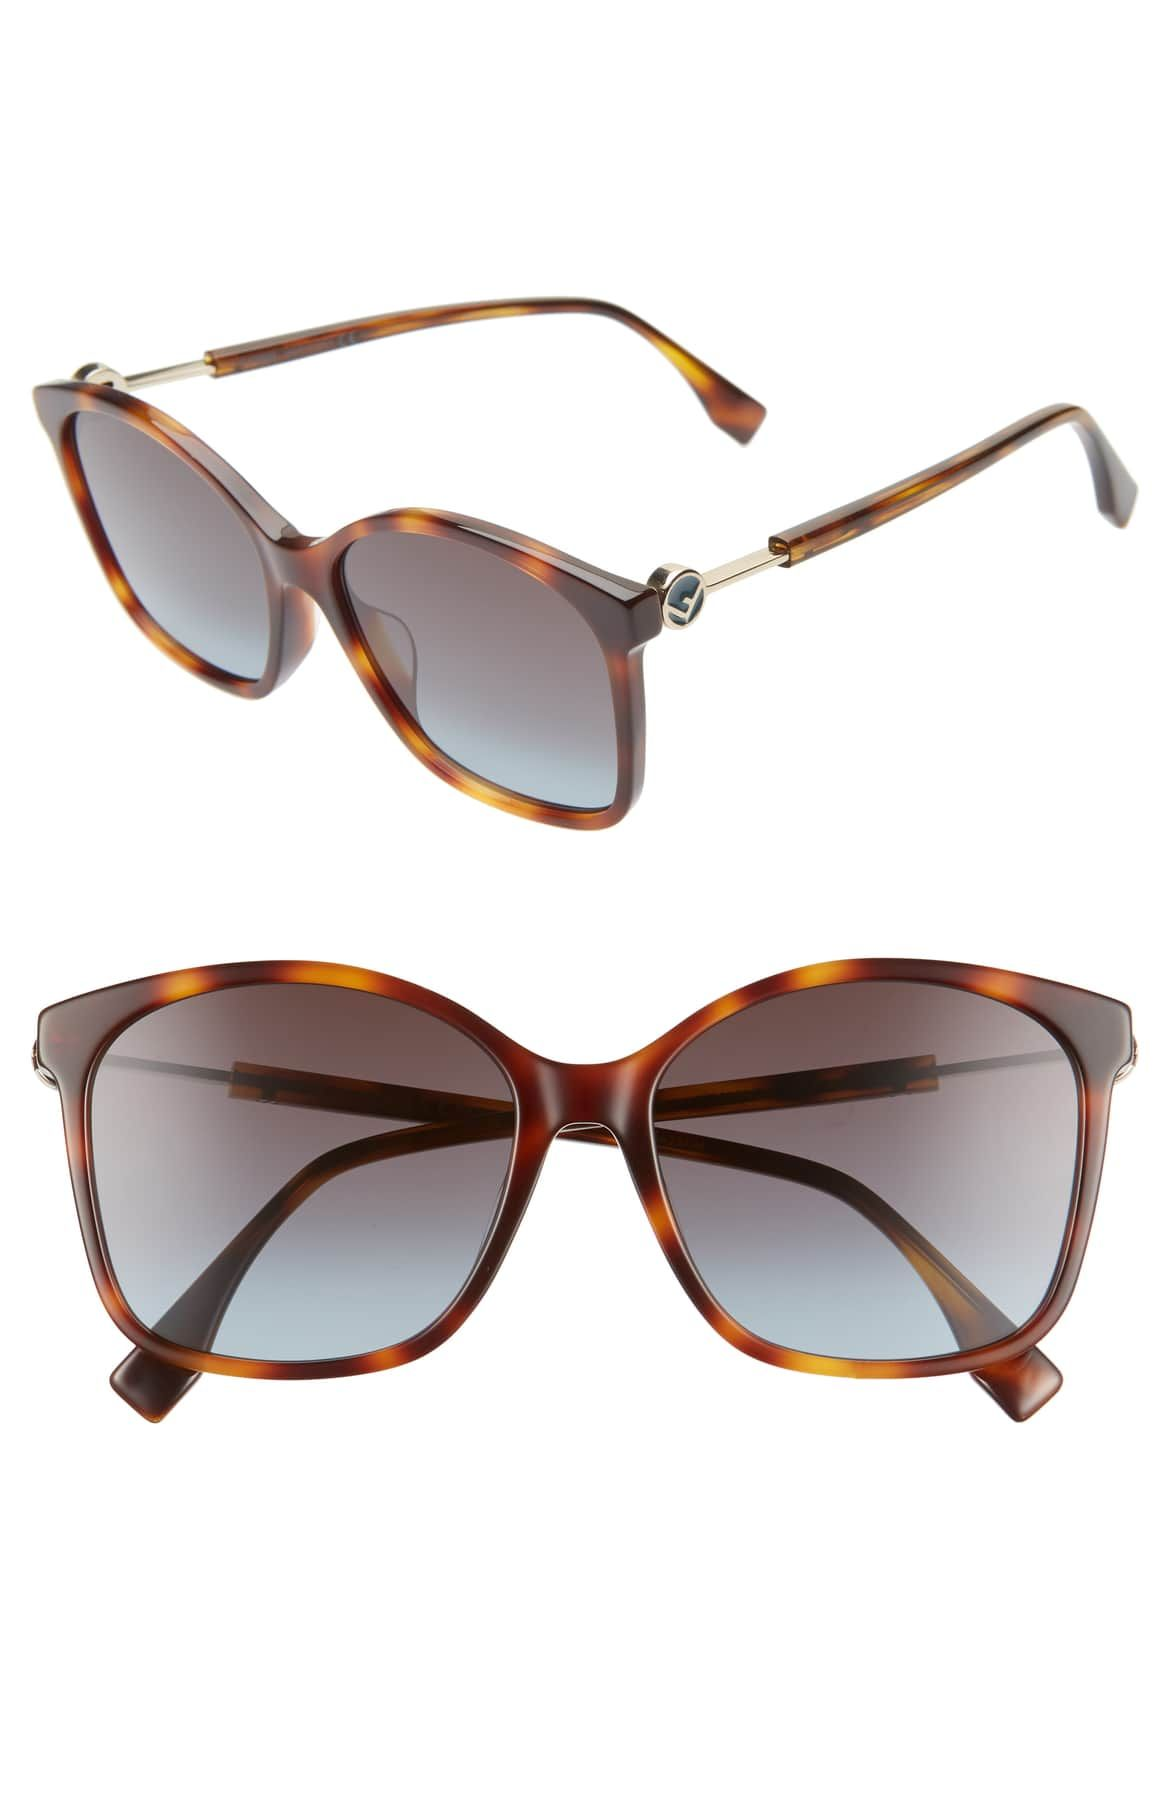 23c2fc2478c18 FENDI 57mm Special Fit Sunglasses